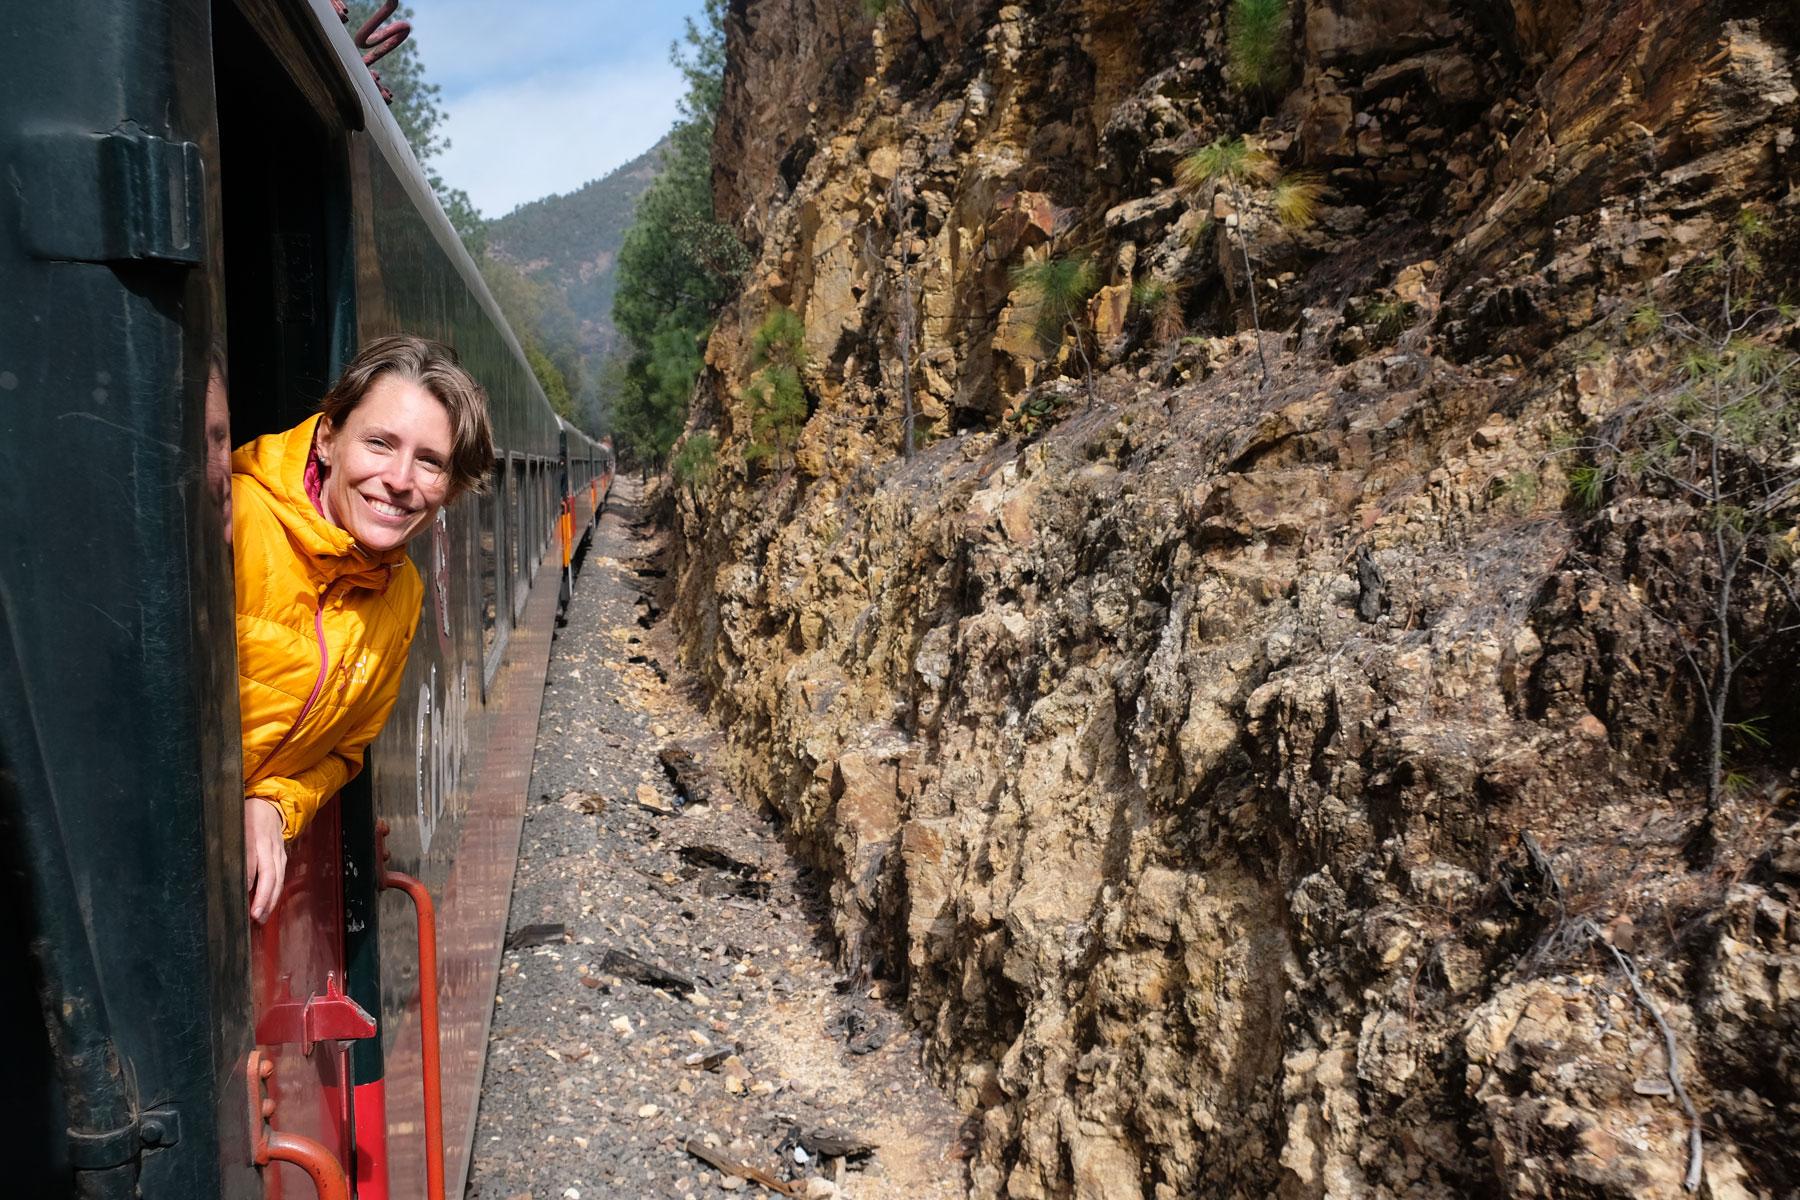 Leo schaut aus dem fahrenden Zug Chepe im Norden Mexikos.